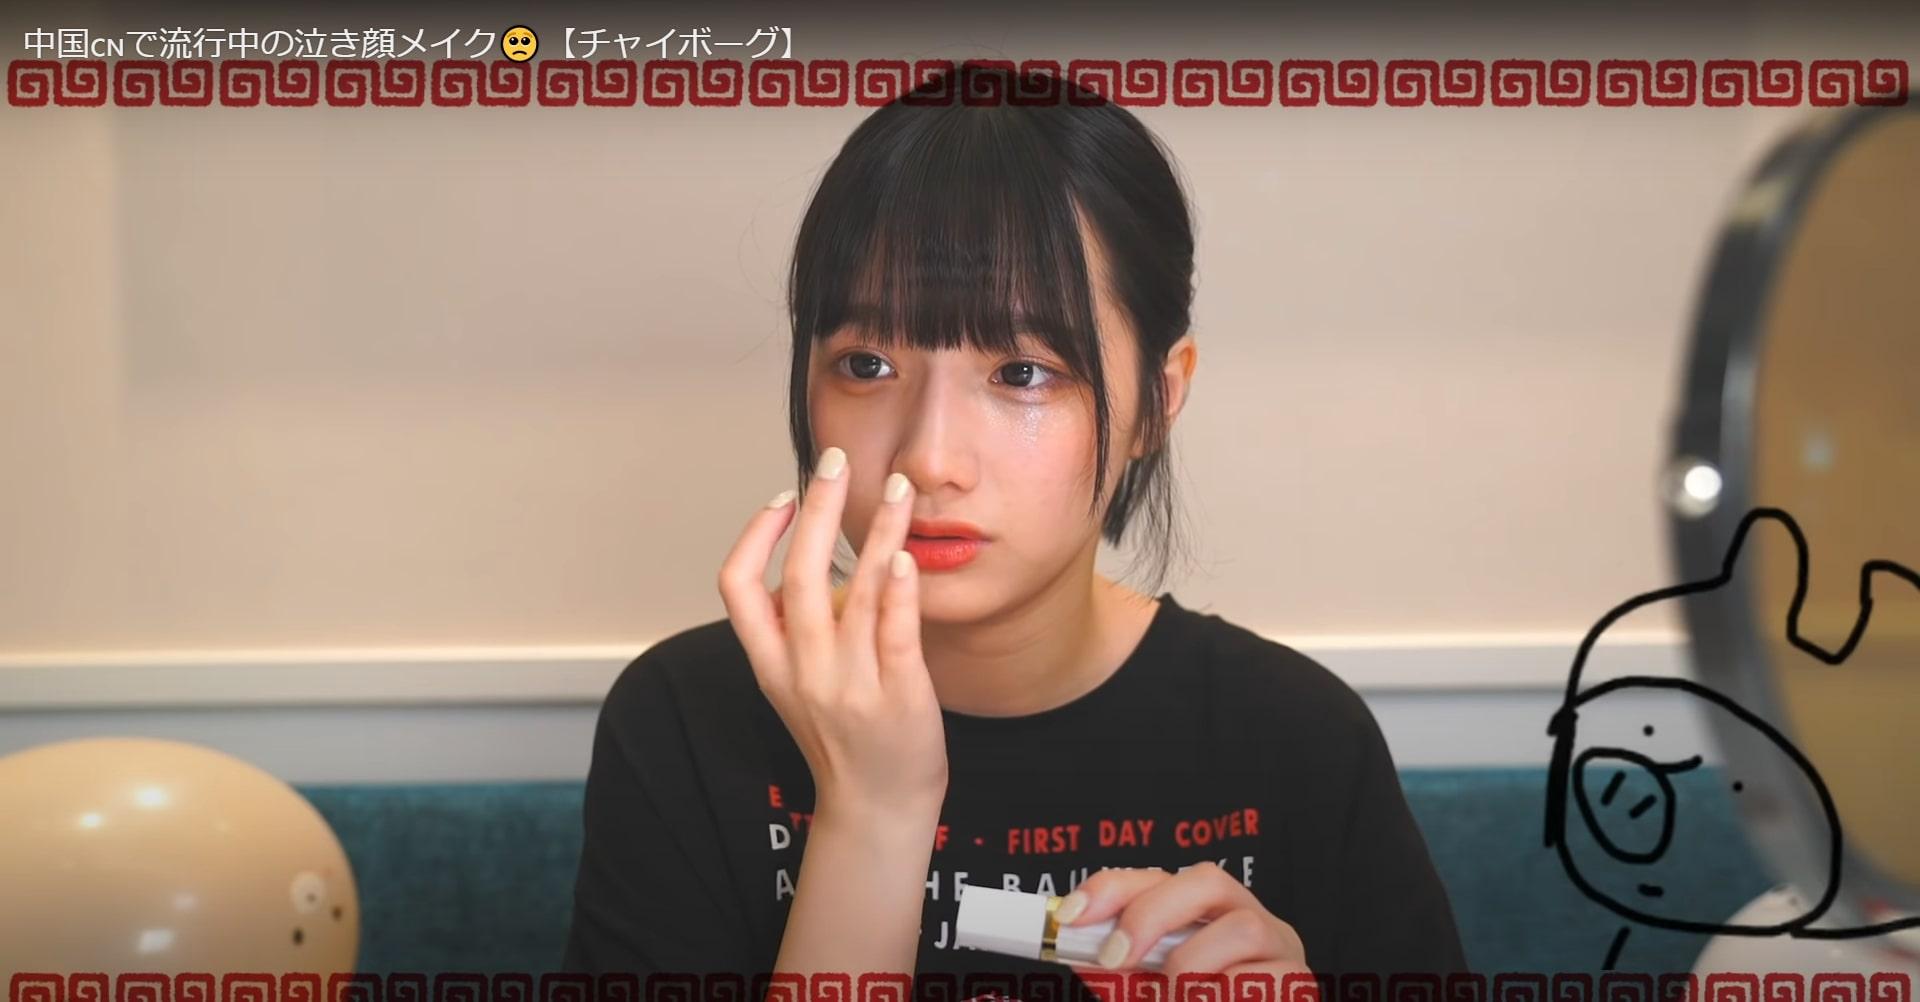 【画像】中国人ユーチューバー可愛い子が多いw